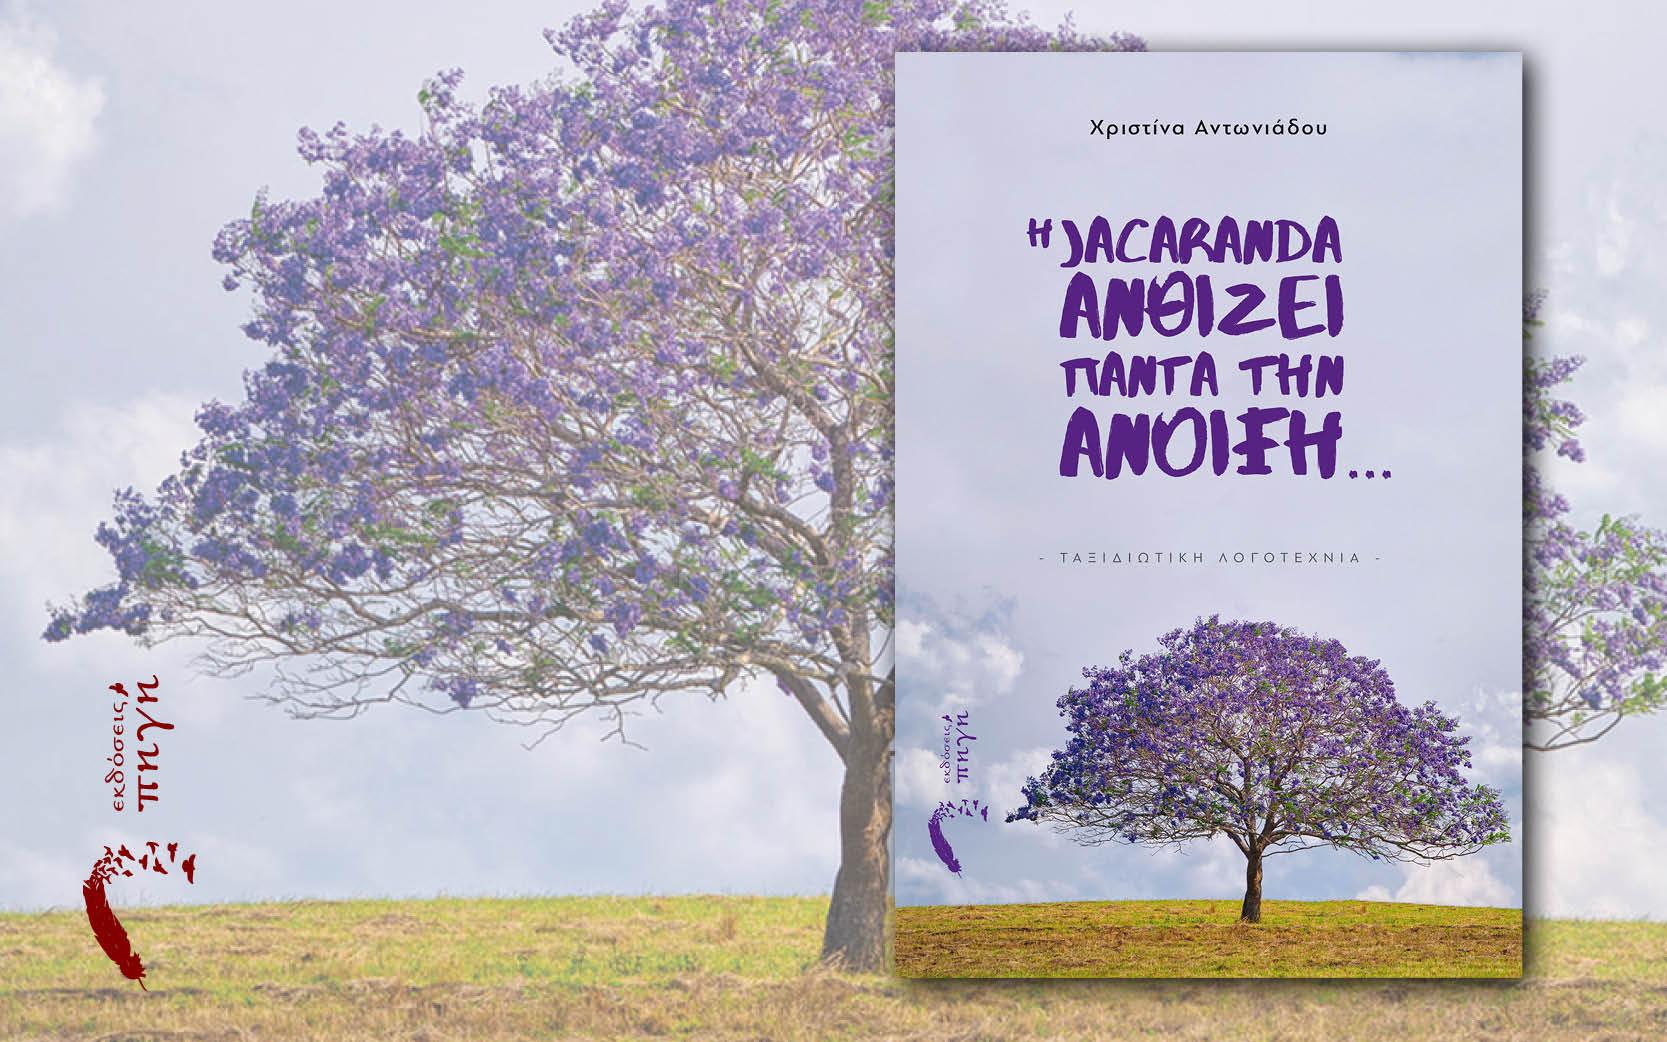 Νότια Αφρική-Jacaranda